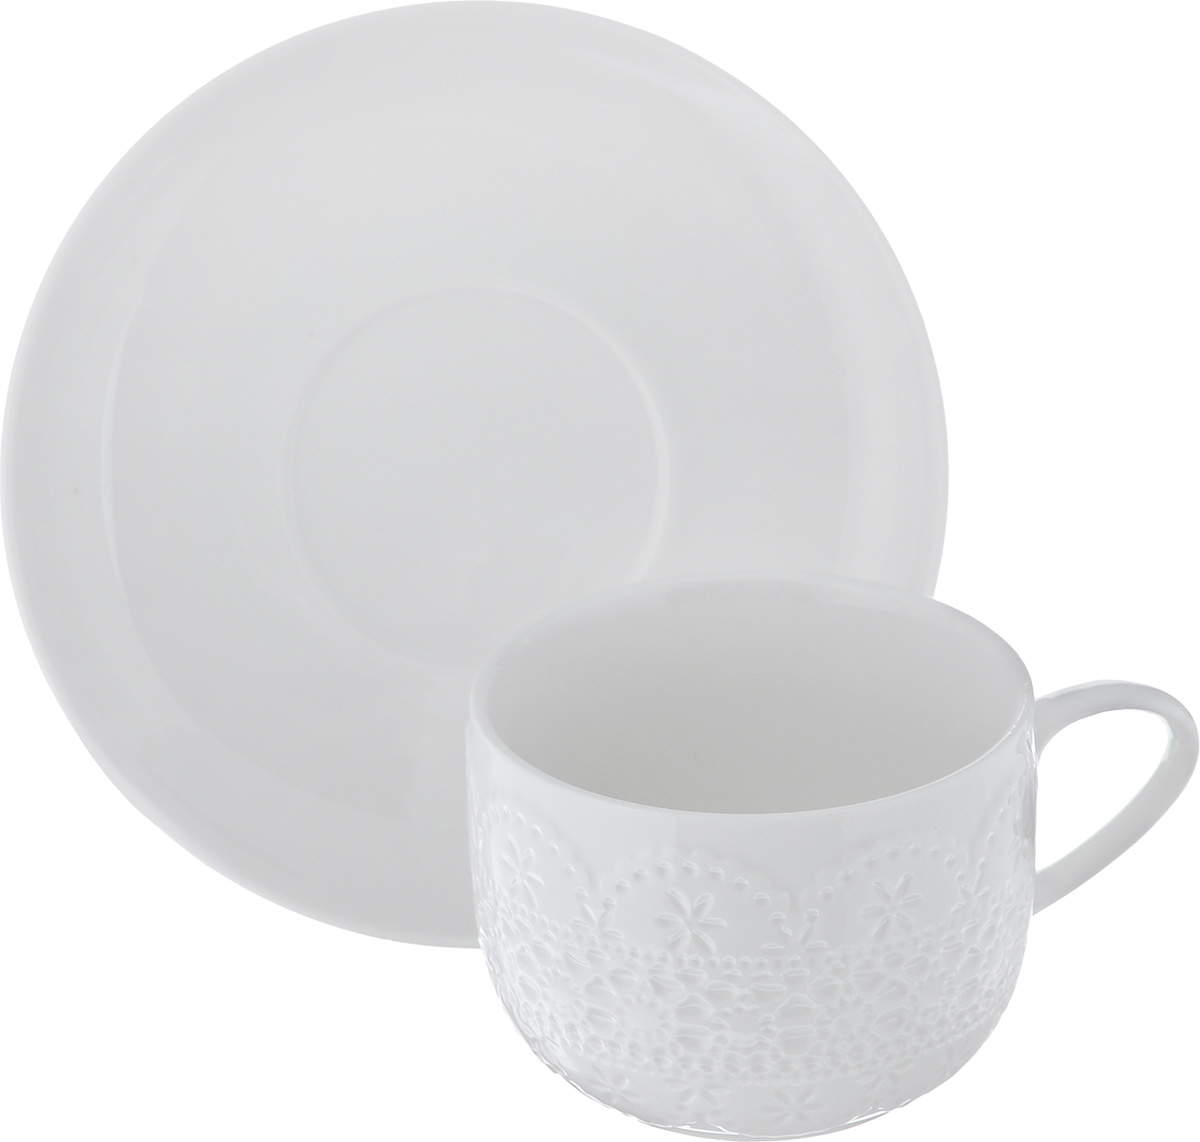 Чайная пара Walmer Charlotte, цвет: белый, 2 предметаVT-1520(SR)Чайная пара Walmer Charlotte состоит из чашки и блюдца, изготовленных из высококачественного фарфора и декорированных оригинальным рельефом.Чайная пара украсит ваш кухонный стол, а также станет замечательным подарком к любому празднику.Не применять абразивные чистящие средства. Объем чашки: 250 мл.Диаметр чашки по верхнему краю: 8,5 см.Диаметр основания: 5,5 см.Высота чашки: 6,5 см.Диаметр блюдца: 15,5 см.